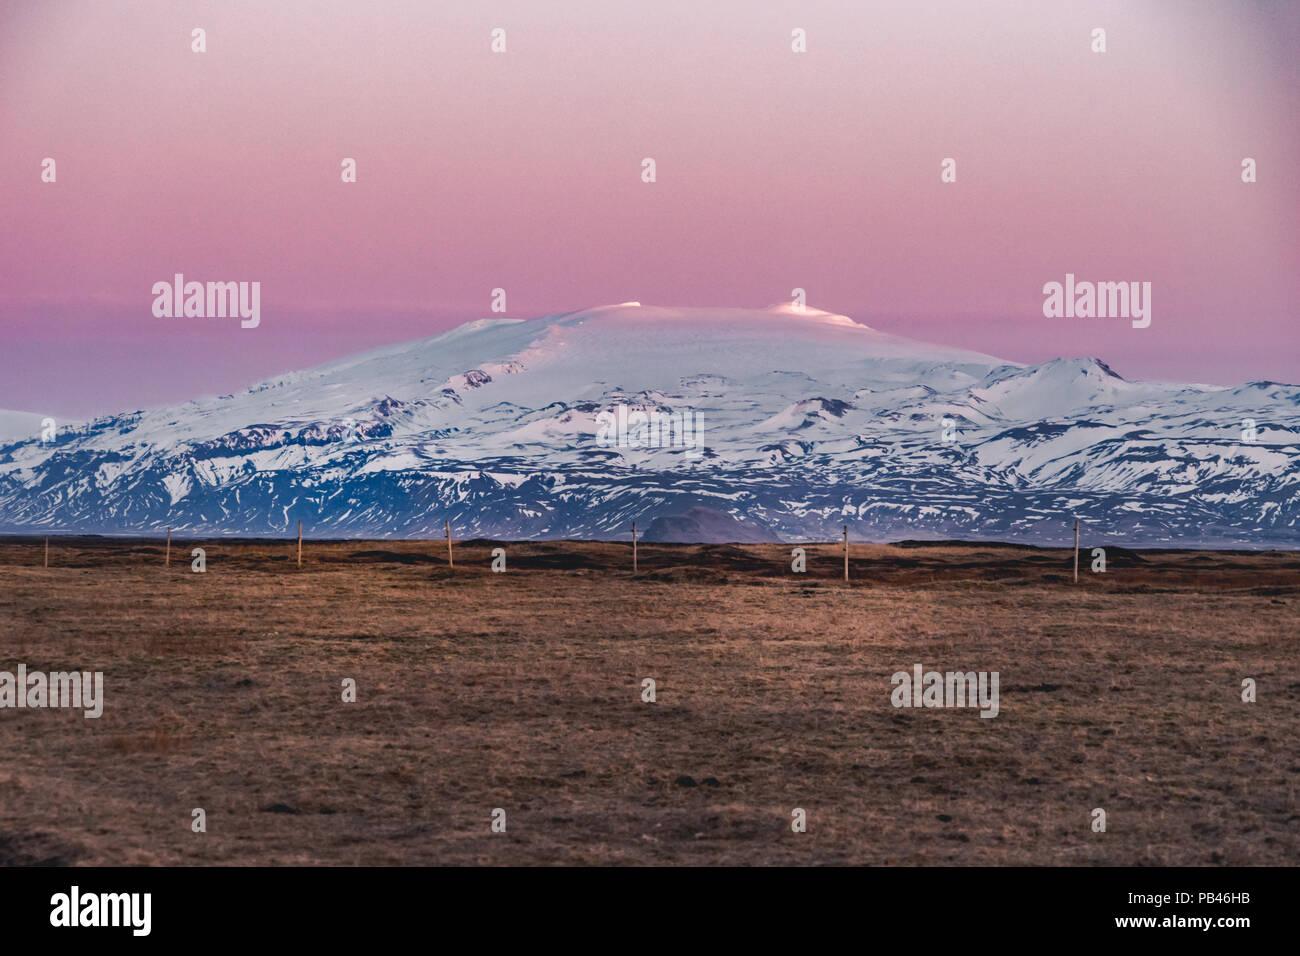 L'Autoroute de la rue Ring Road No.1 en Islande, avec vue sur la montagne. Si côté sud du pays. Banque D'Images